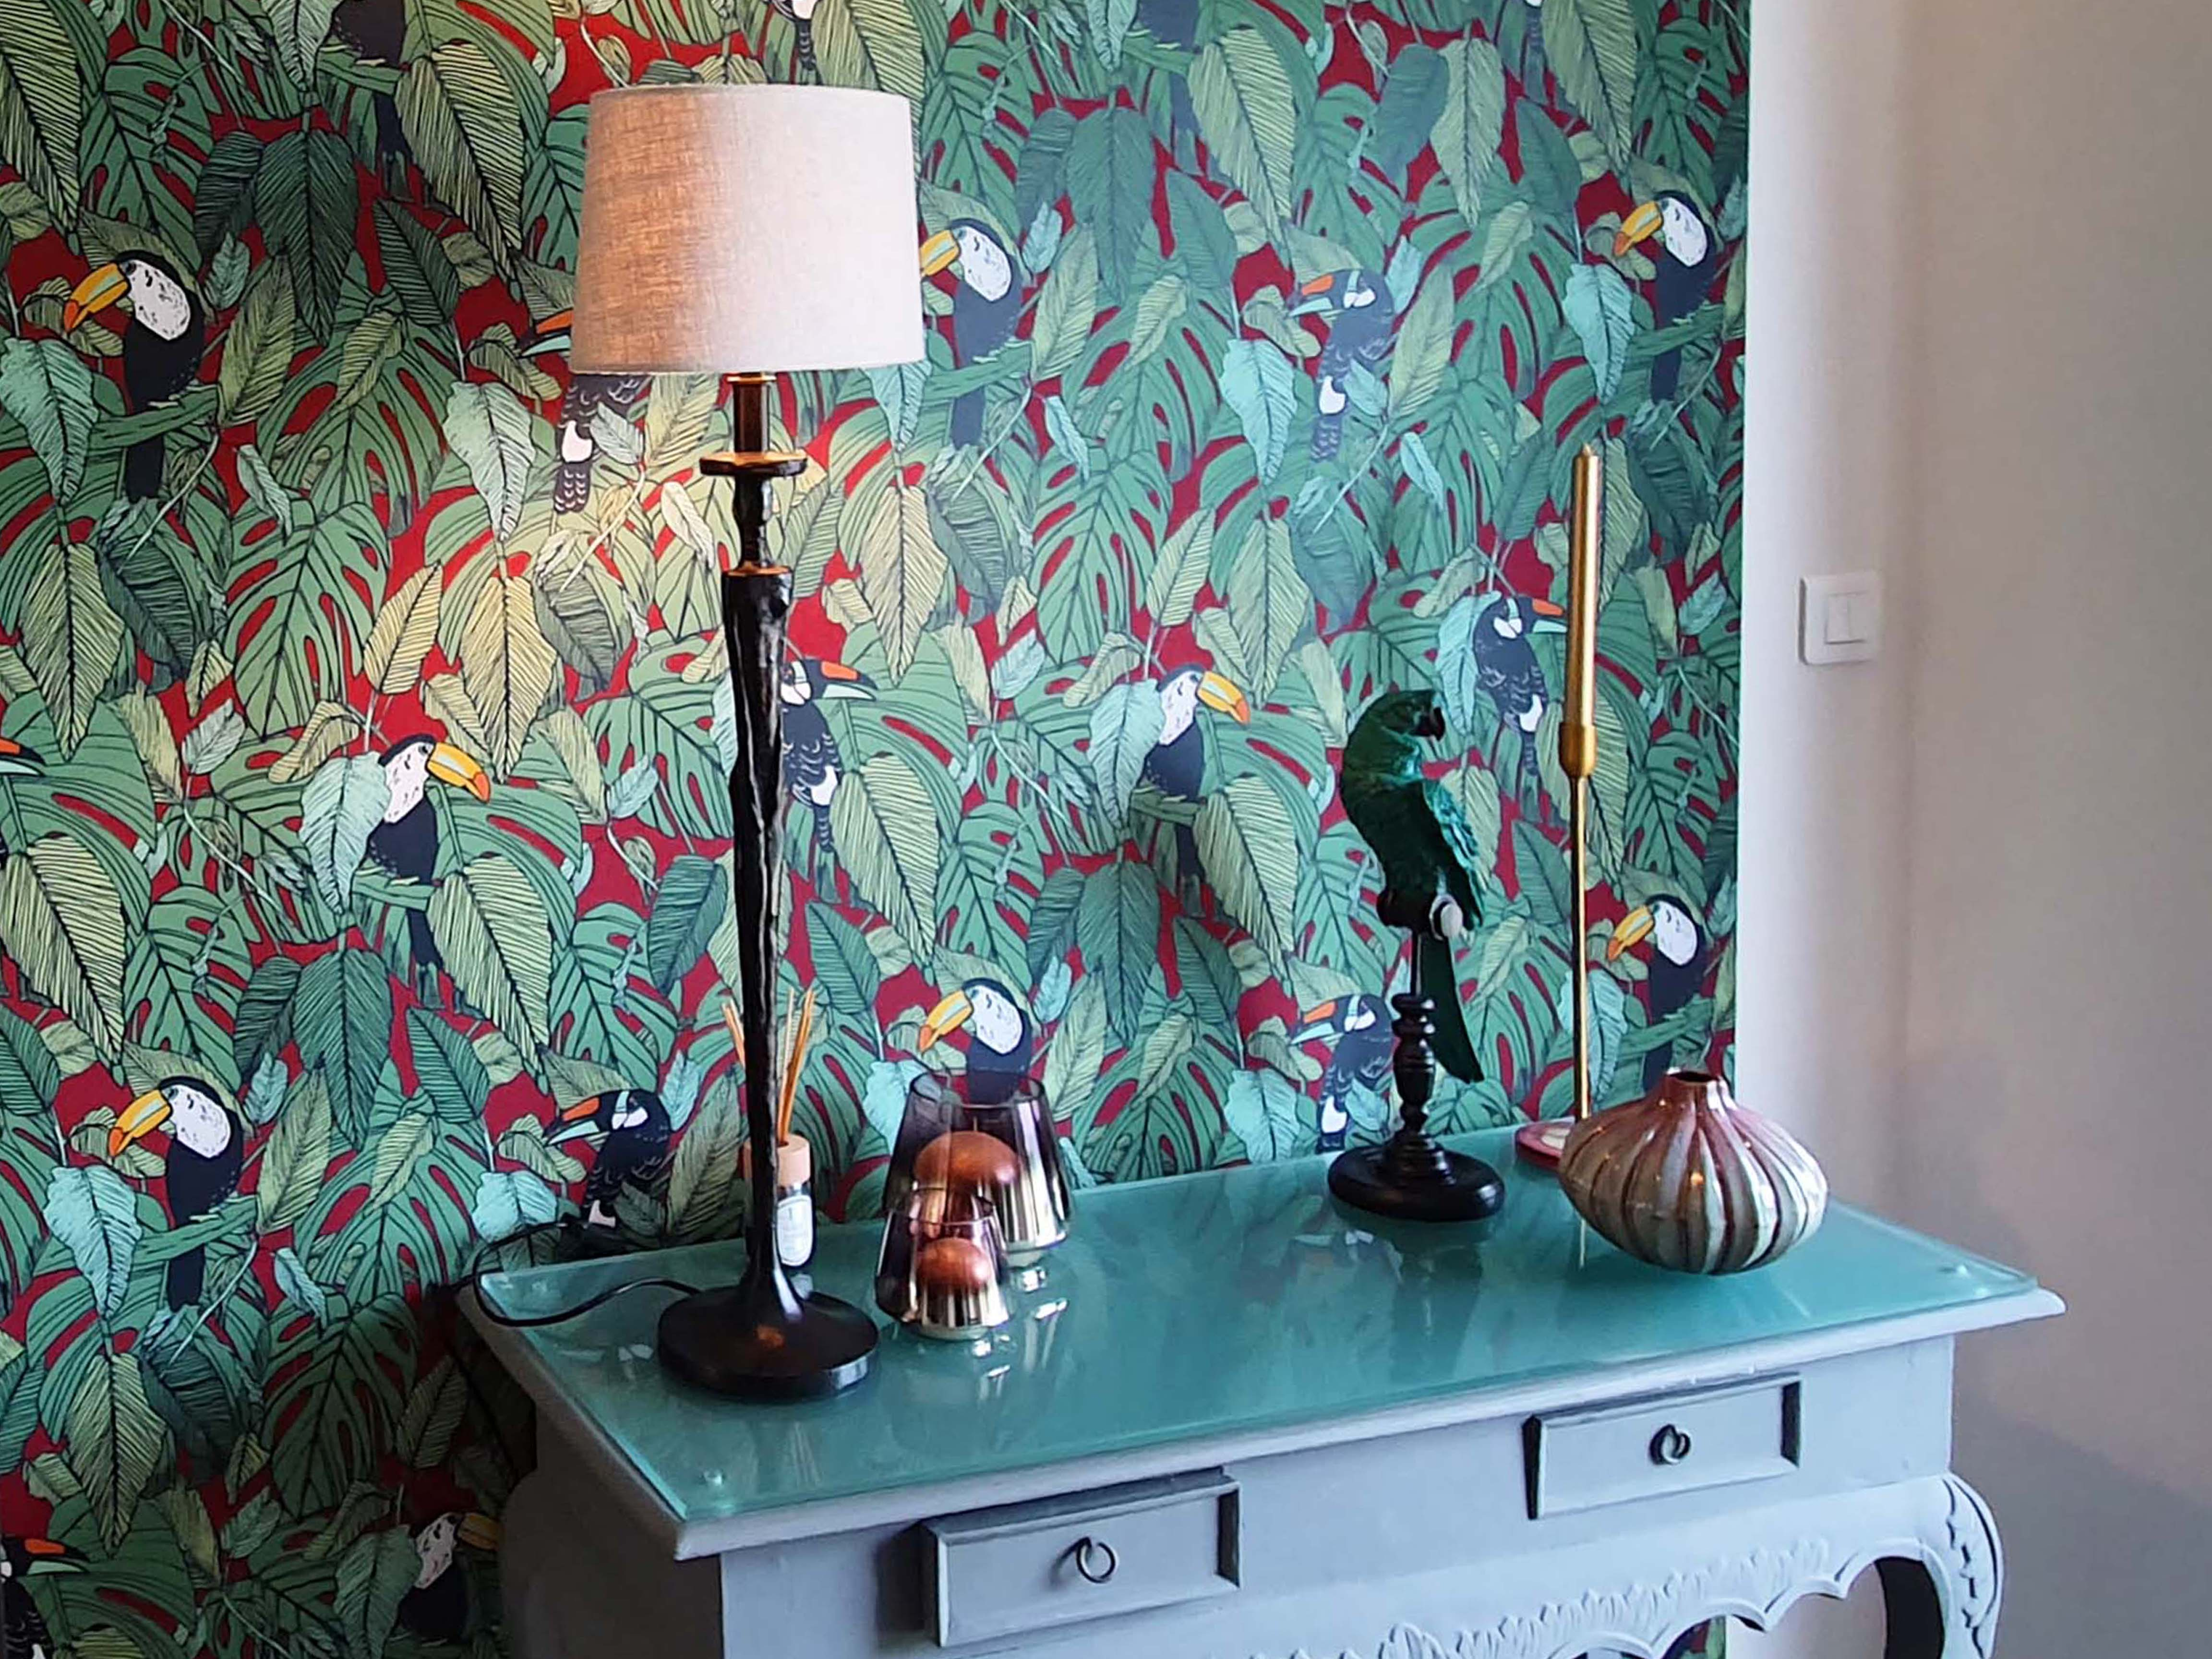 entrée papier peint architecture intérieure maison décoration